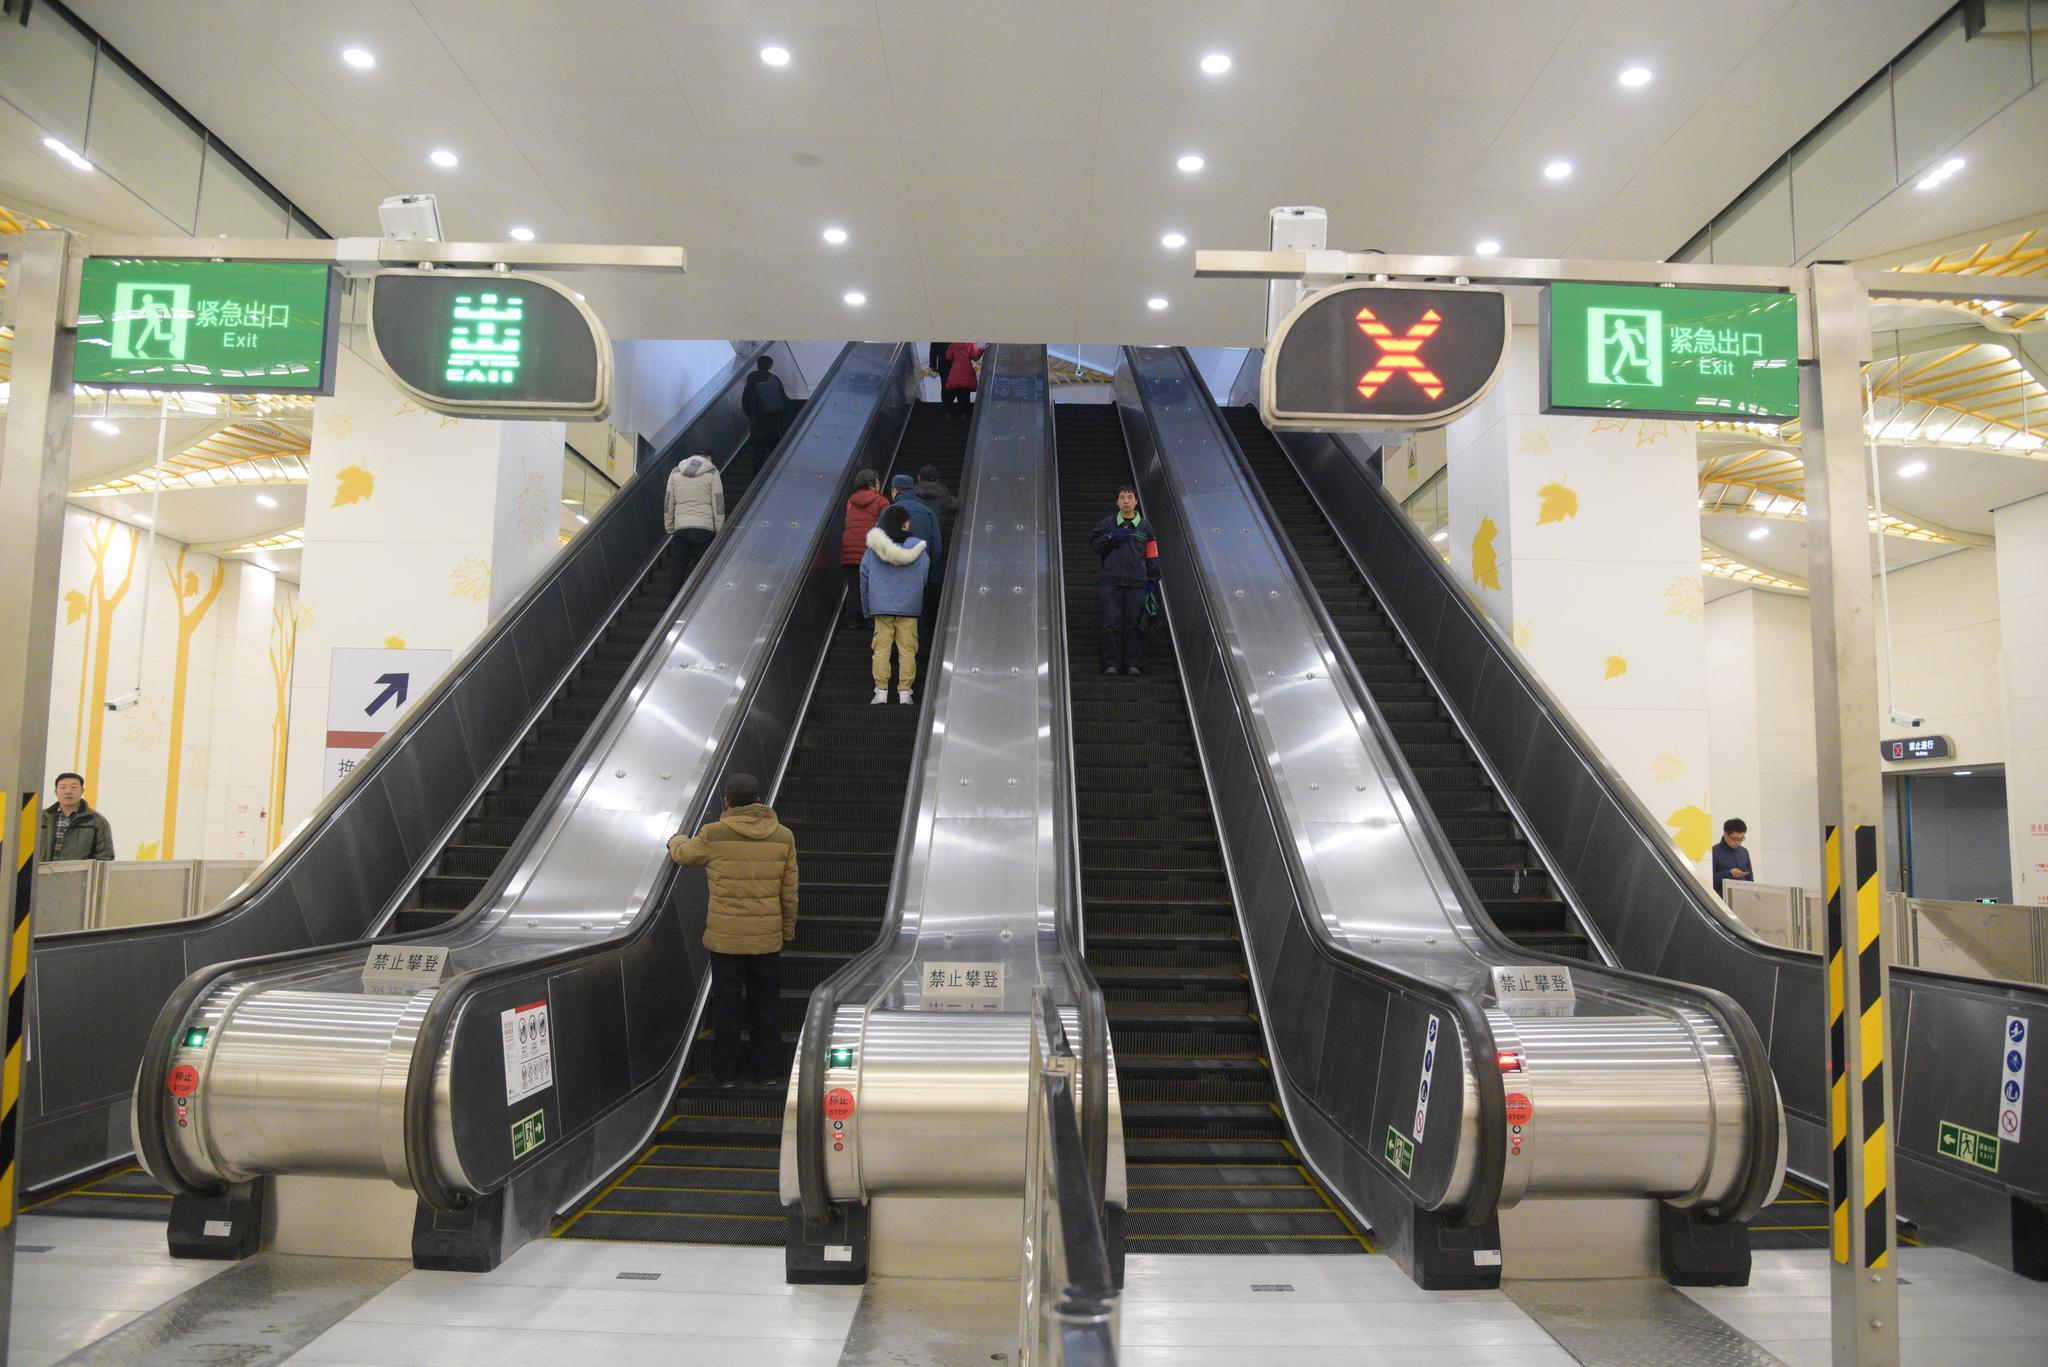 北京今日开通3条地铁新线 潞城站首班车提前至4:52小摄影师教学设计